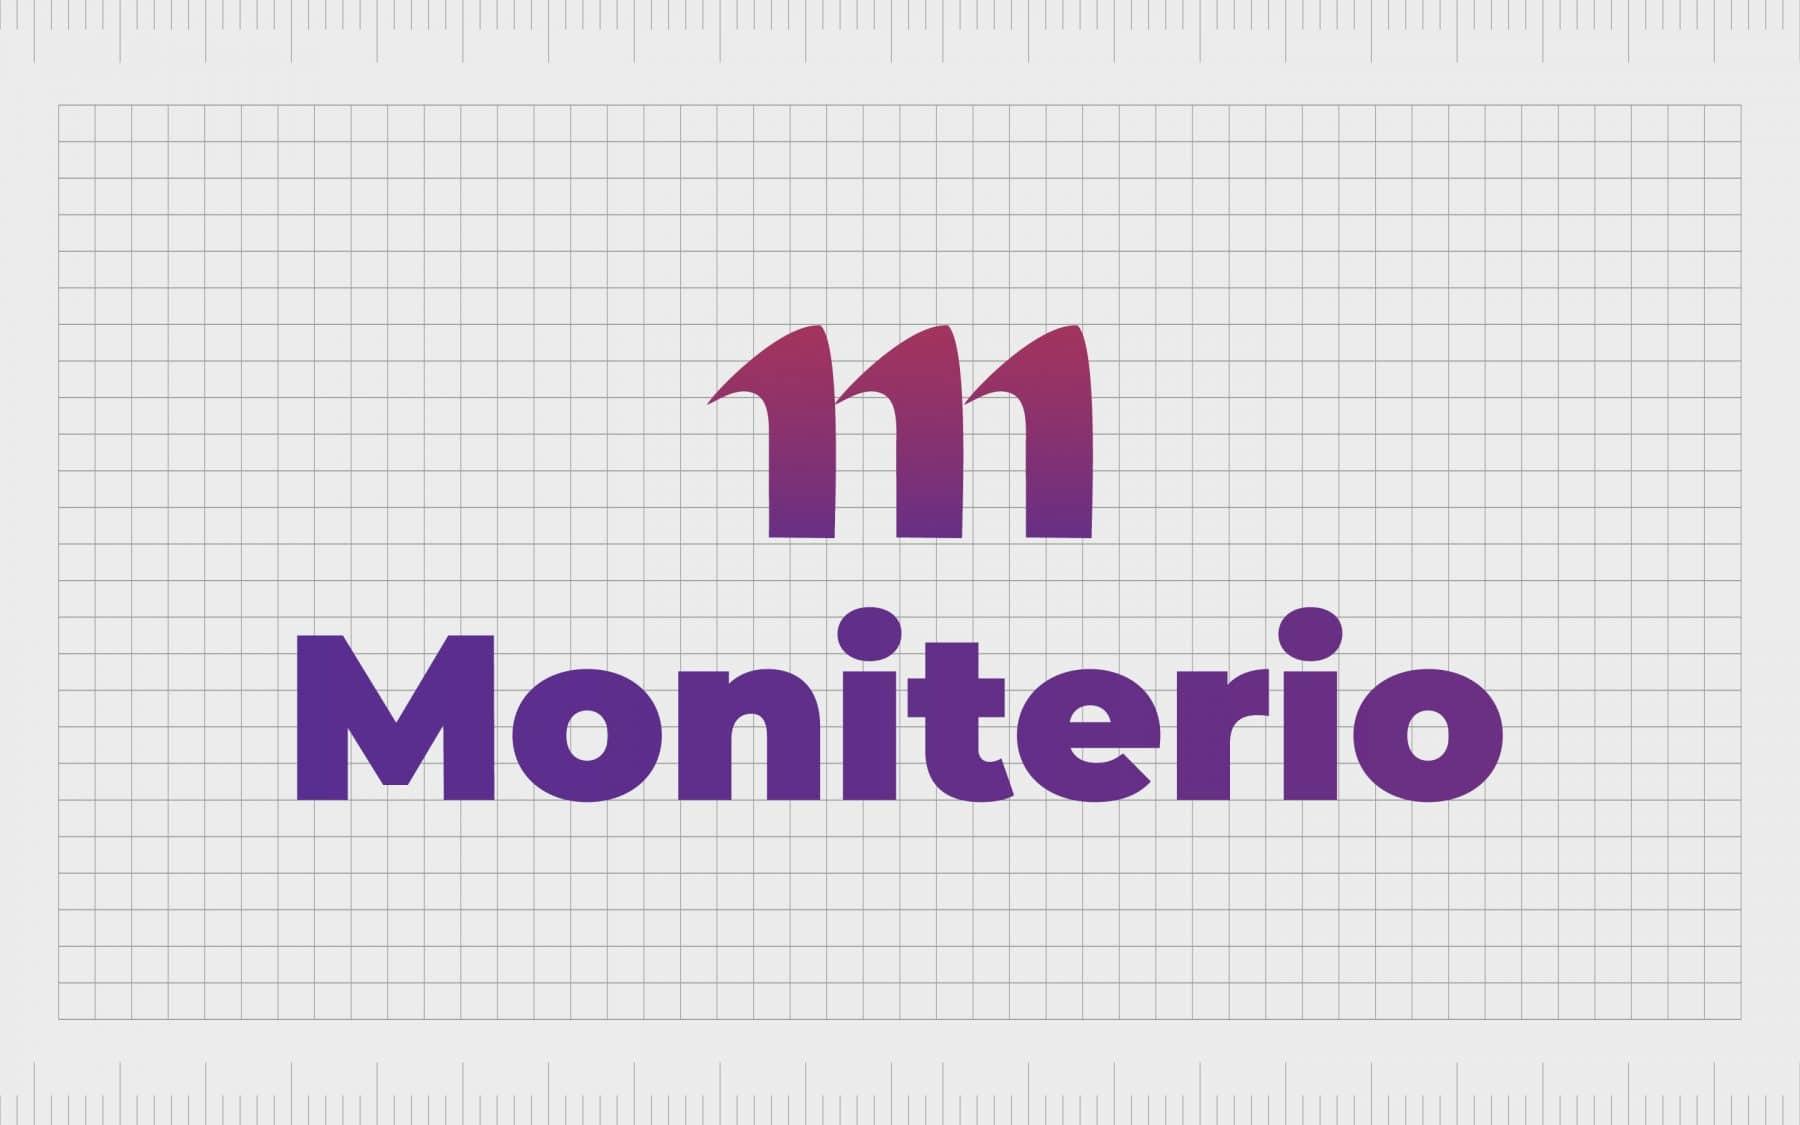 Moniterio